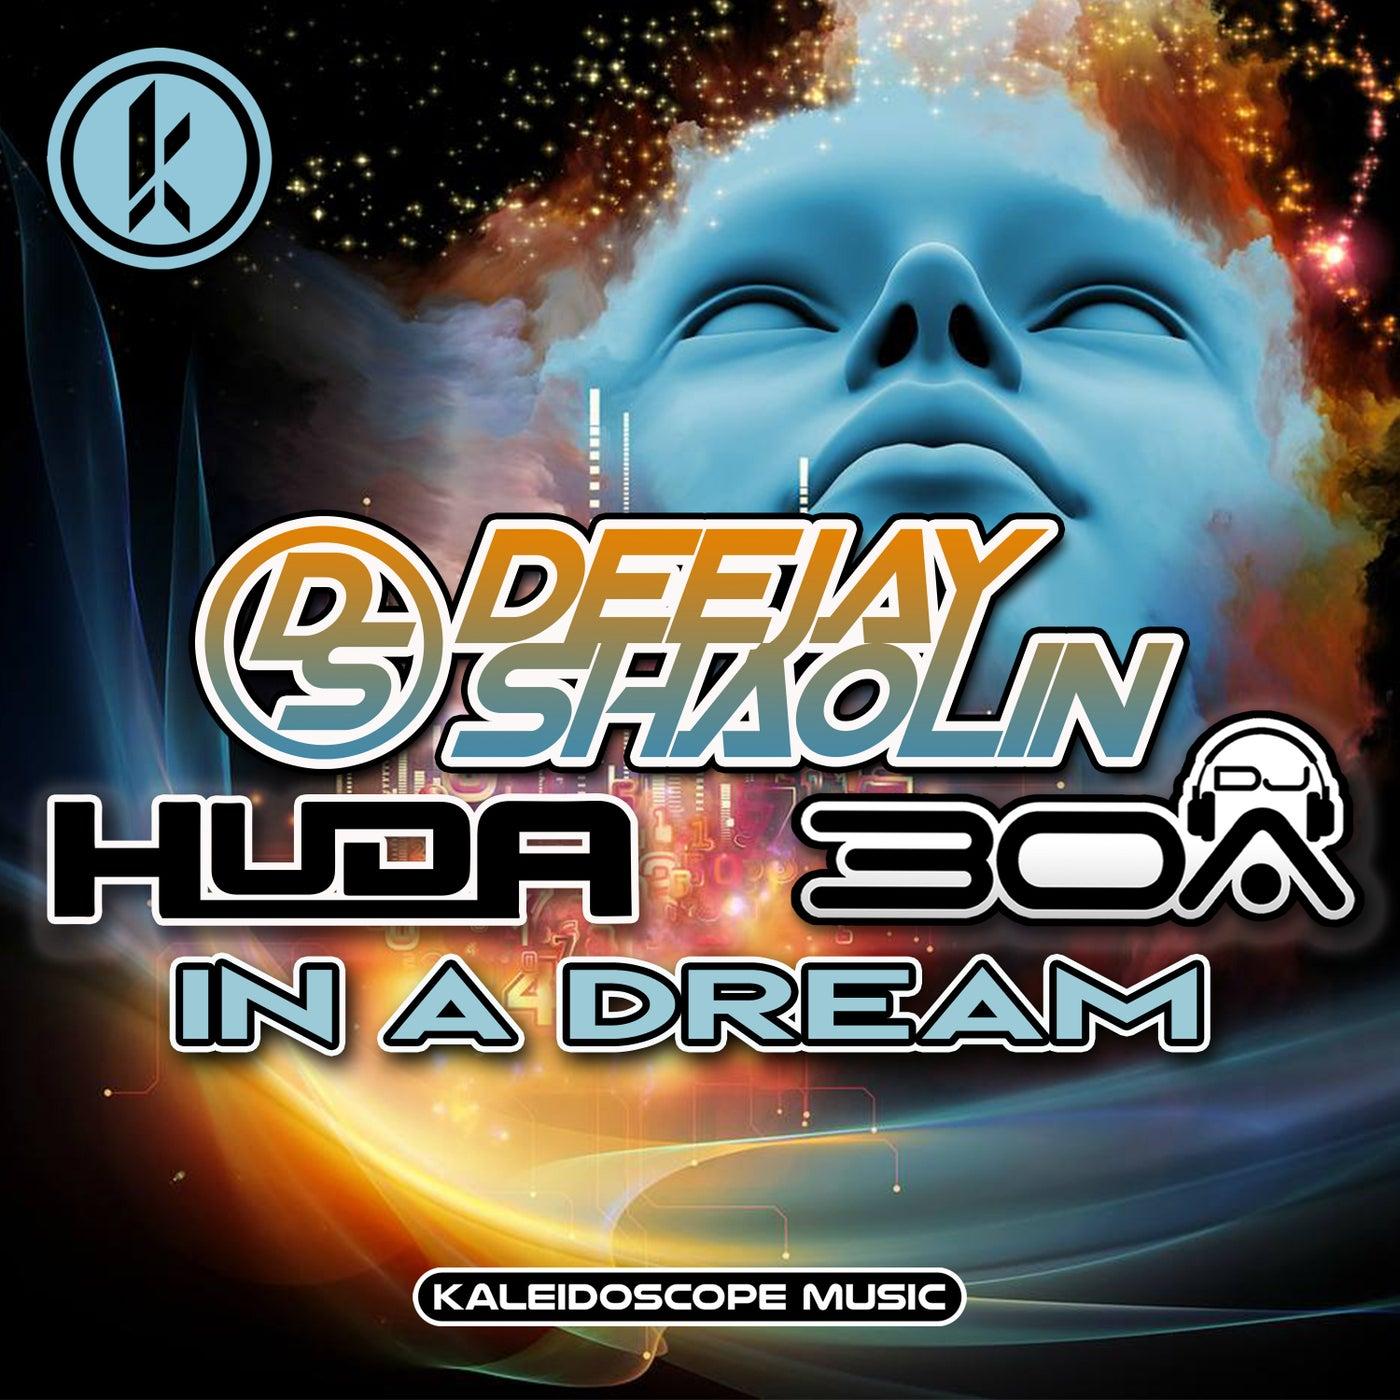 In A Dream (Original Mix)